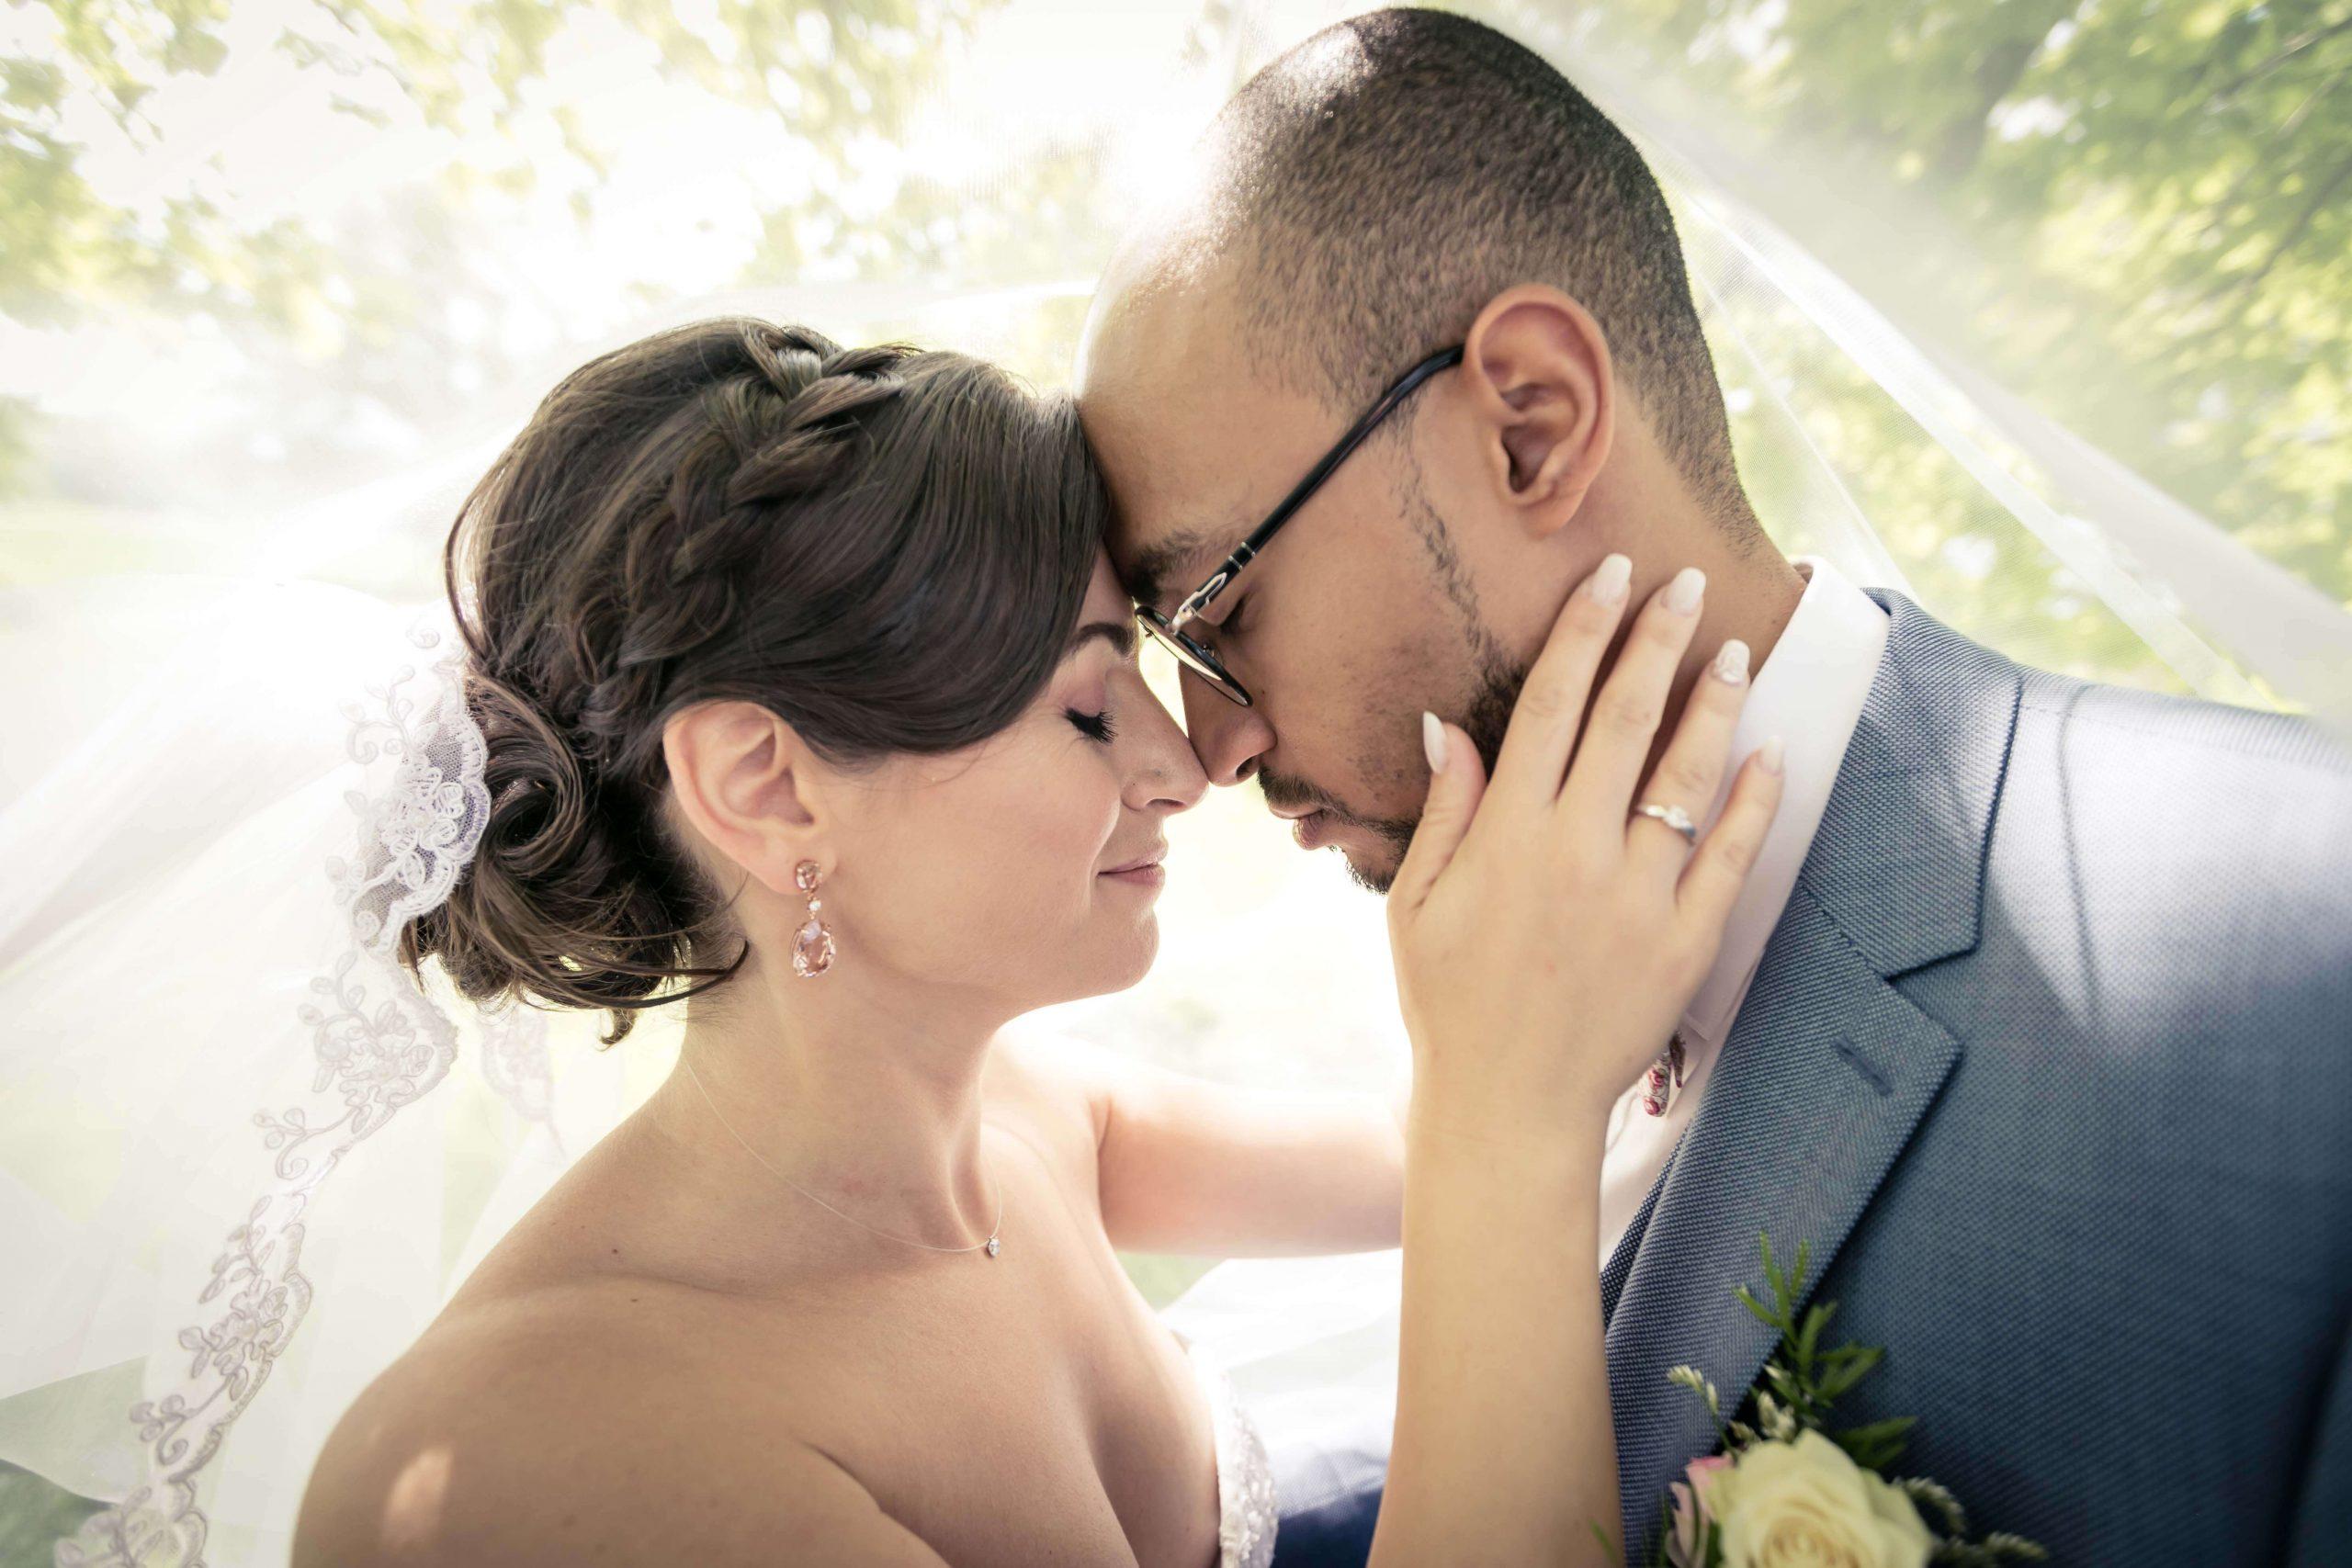 séance photo de mariage le jour-J au domaine du Kaegy en Alsace